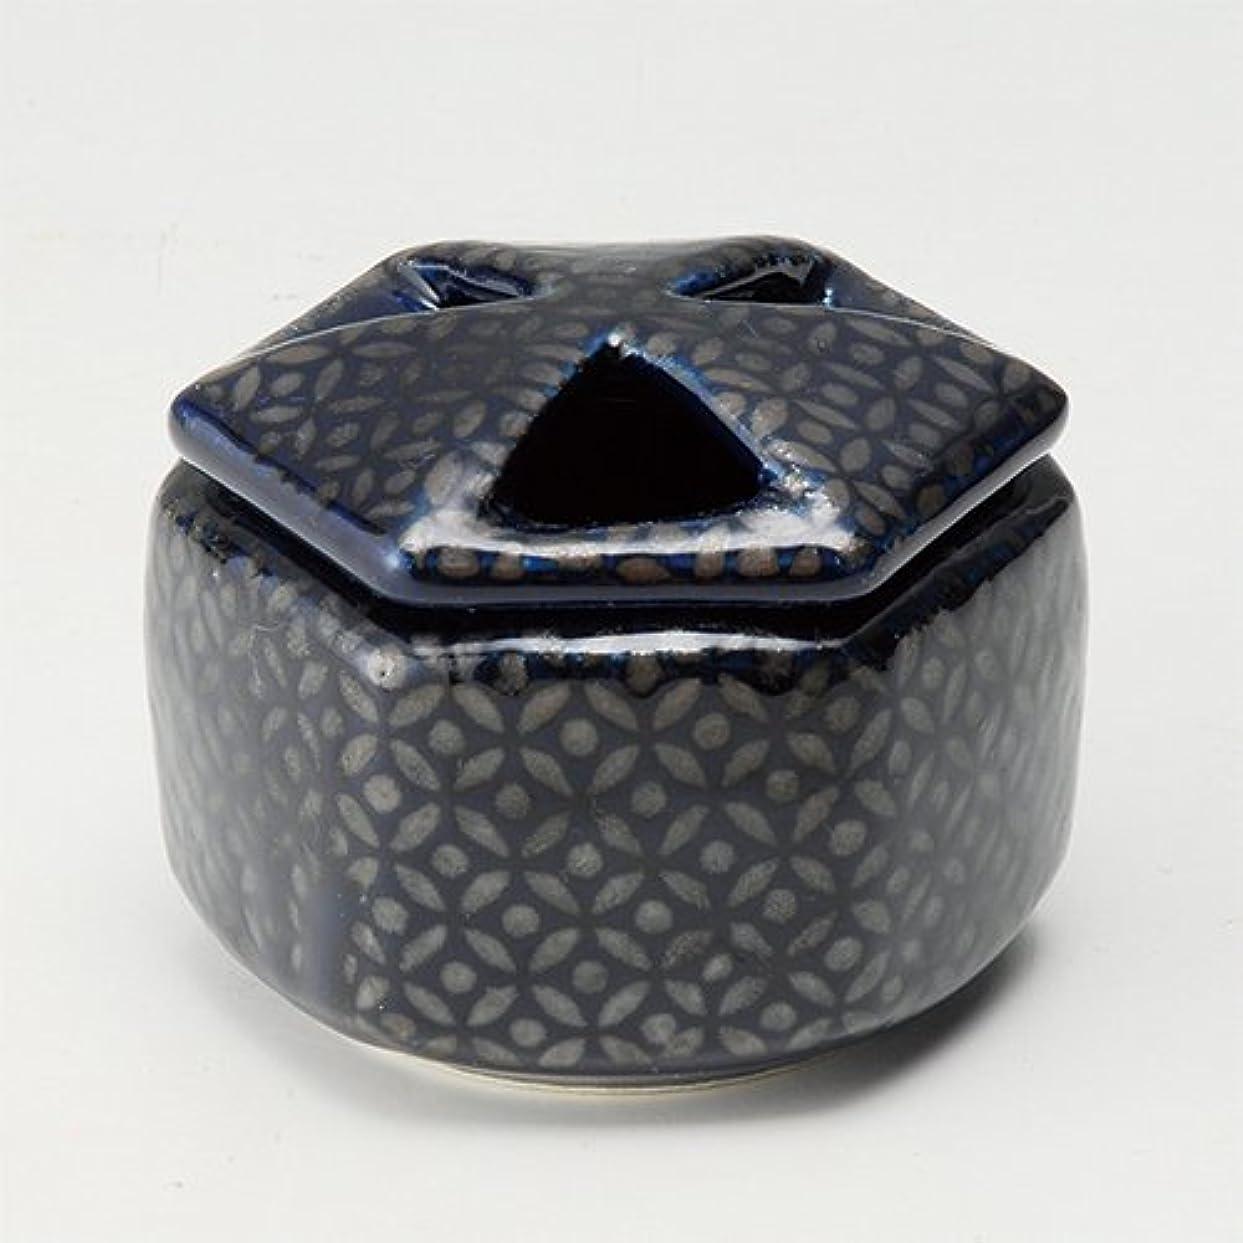 魅惑するボーナス変化香炉 瑠璃七宝 六角香炉 [R8.8xH6.5cm] プレゼント ギフト 和食器 かわいい インテリア